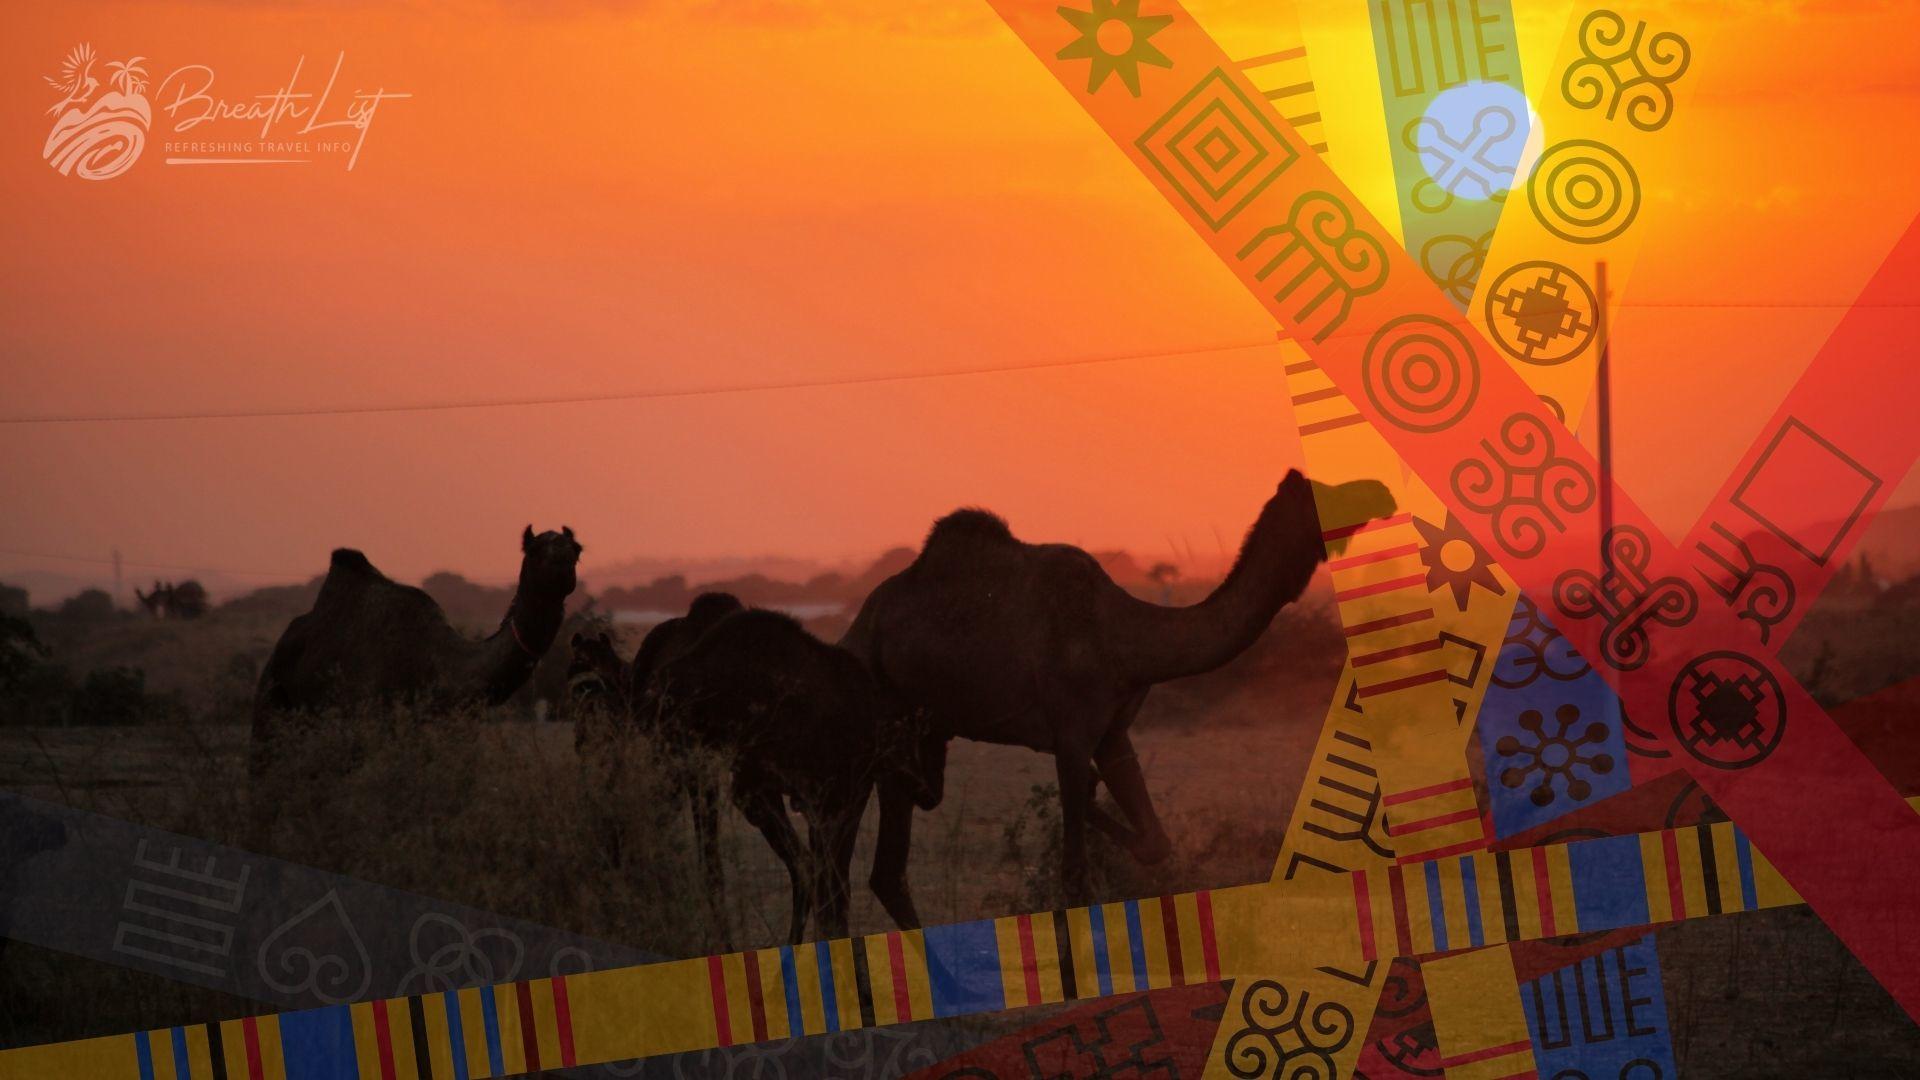 Gold merchant camels